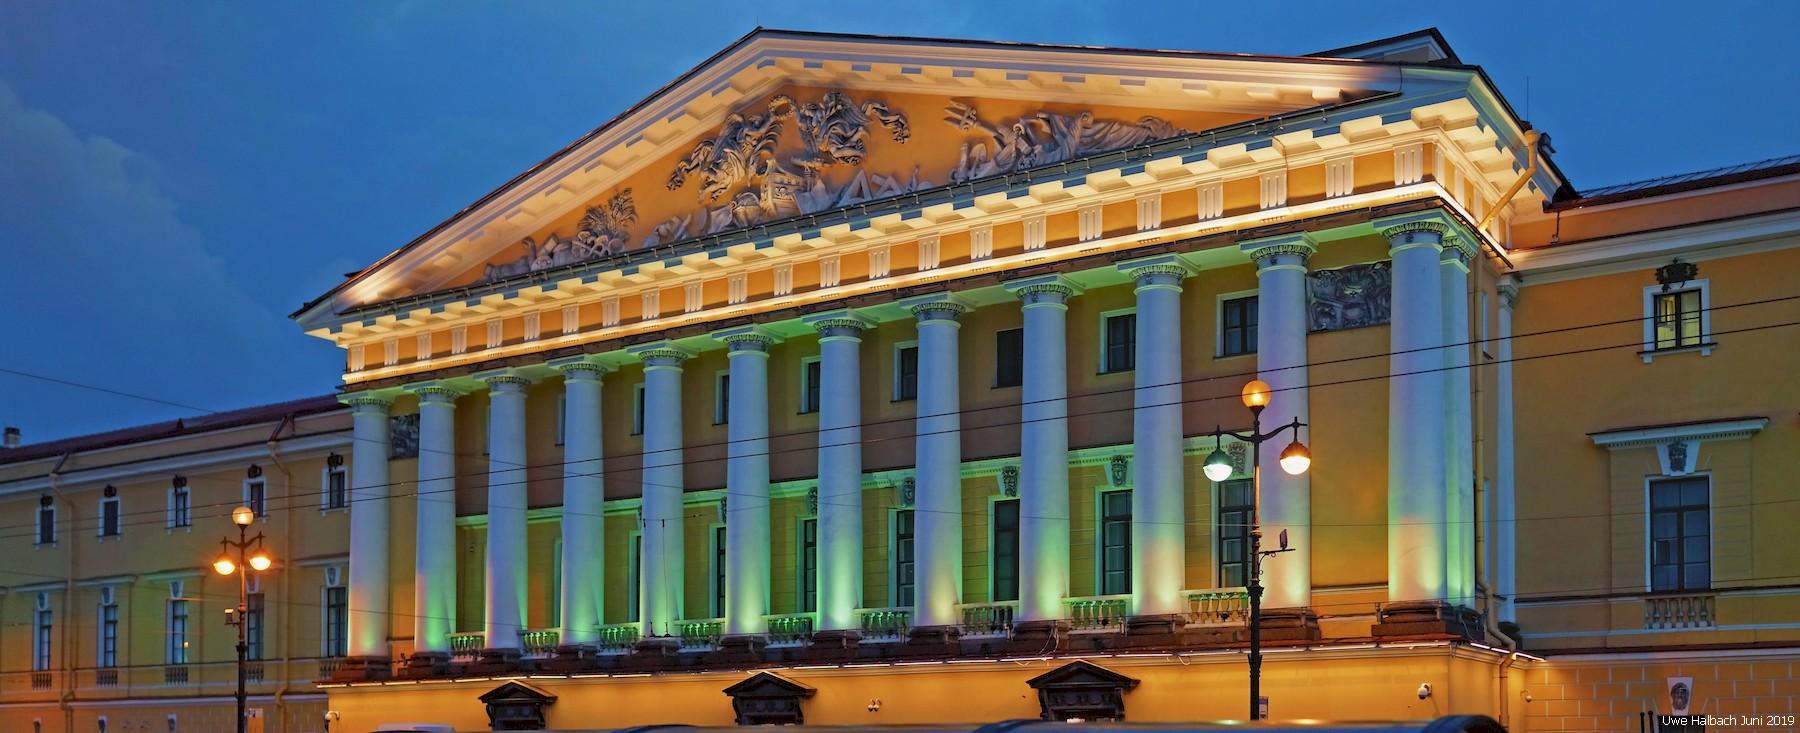 04-Petersburg-abends-1800